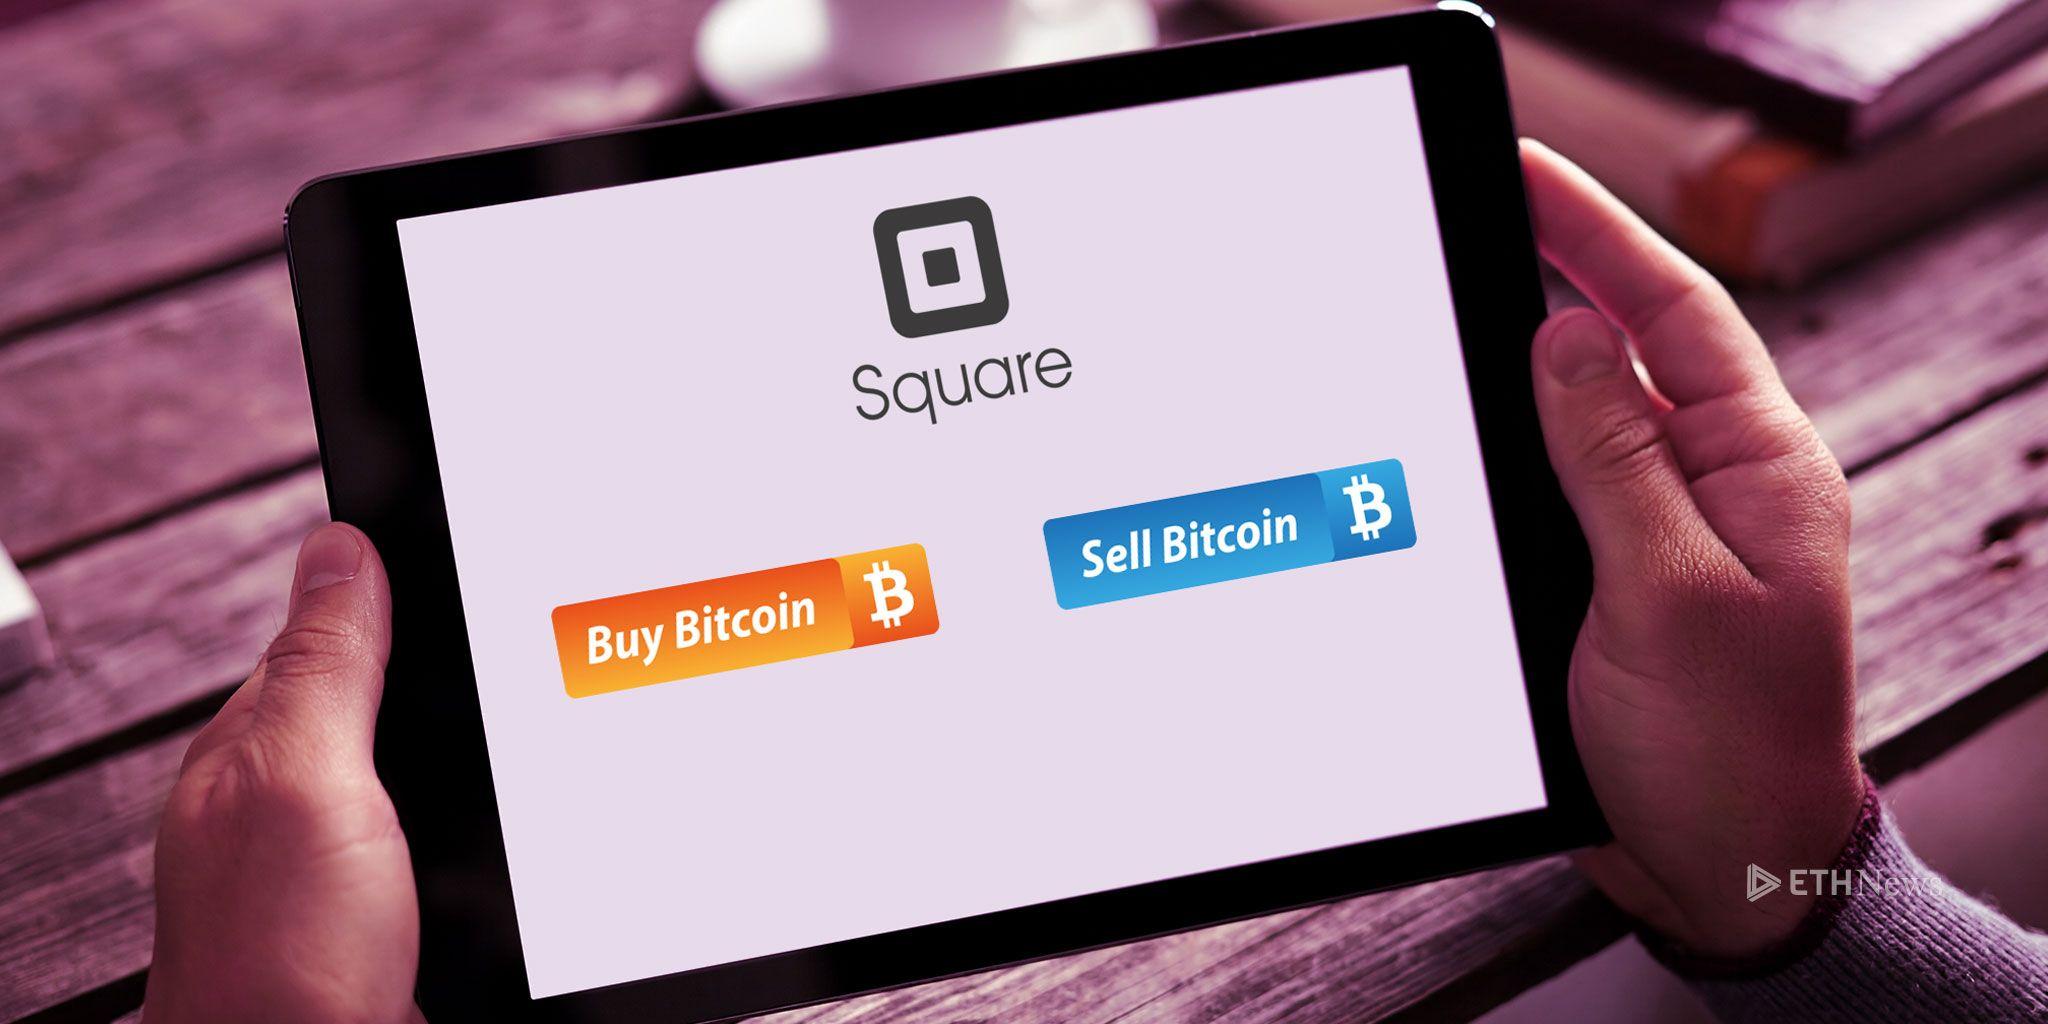 Akcie Square - Square investuje do Bitcoinu